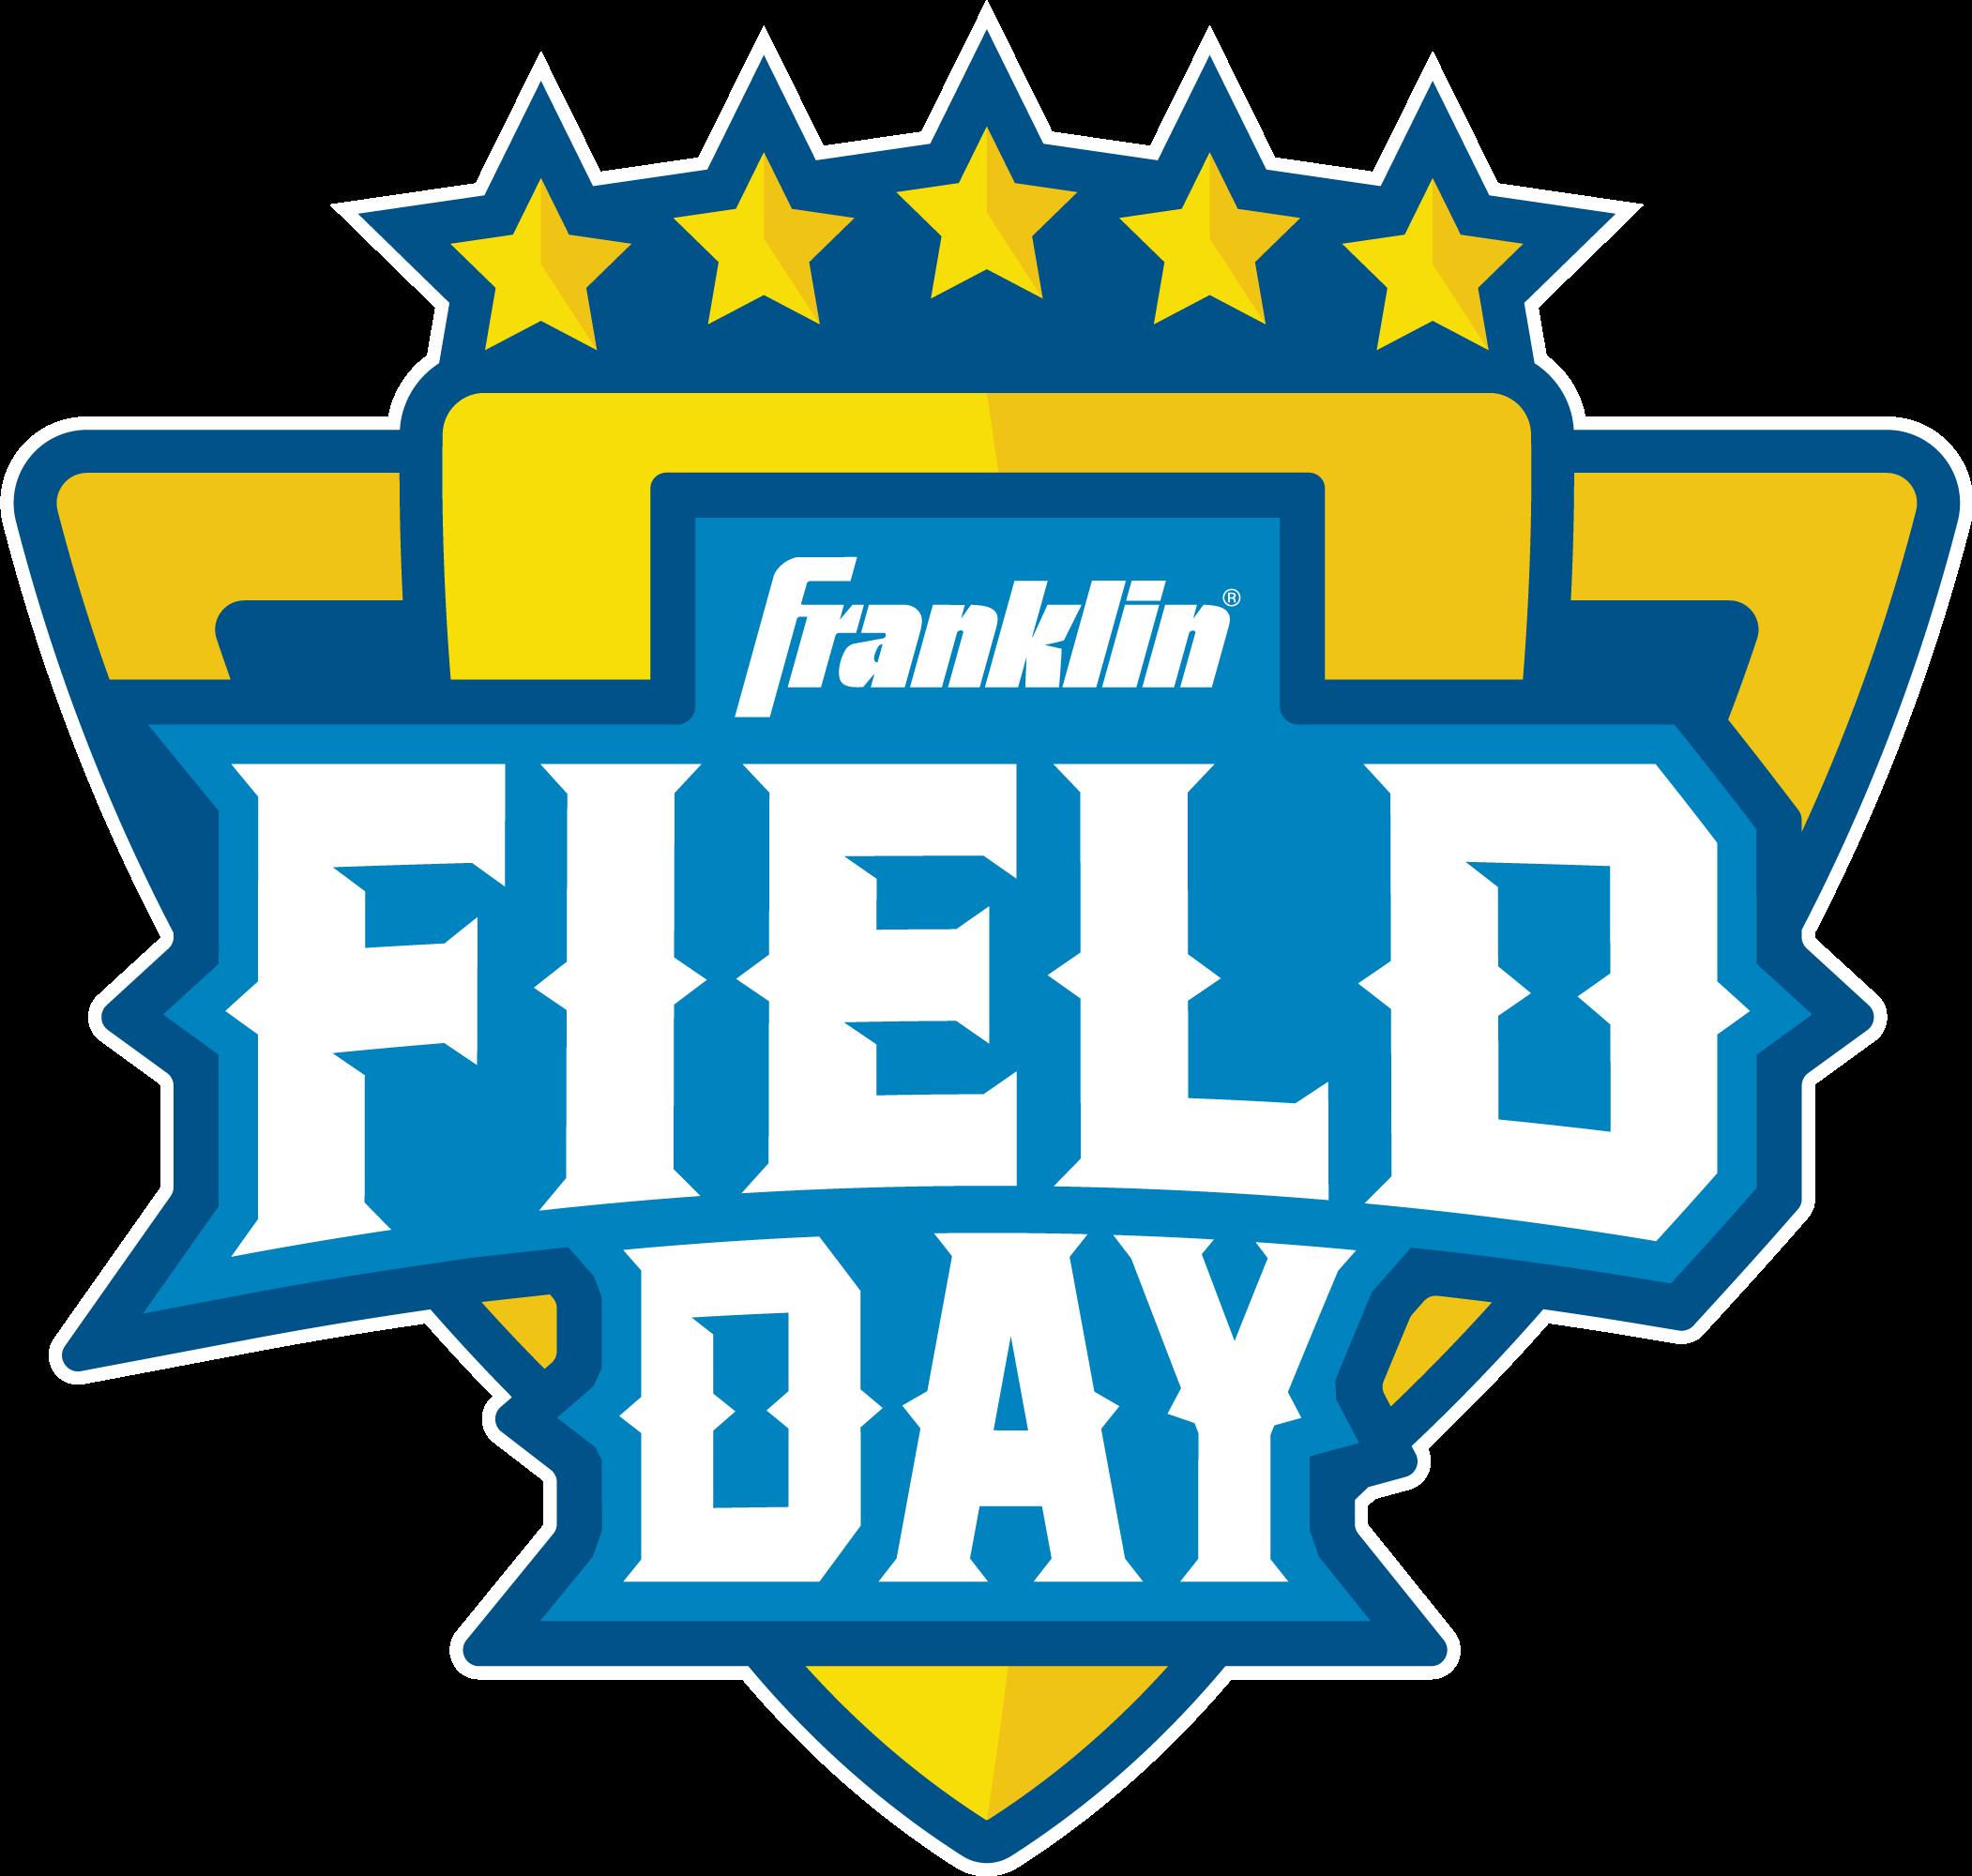 Franklin Field Day Preliminary Second Logo